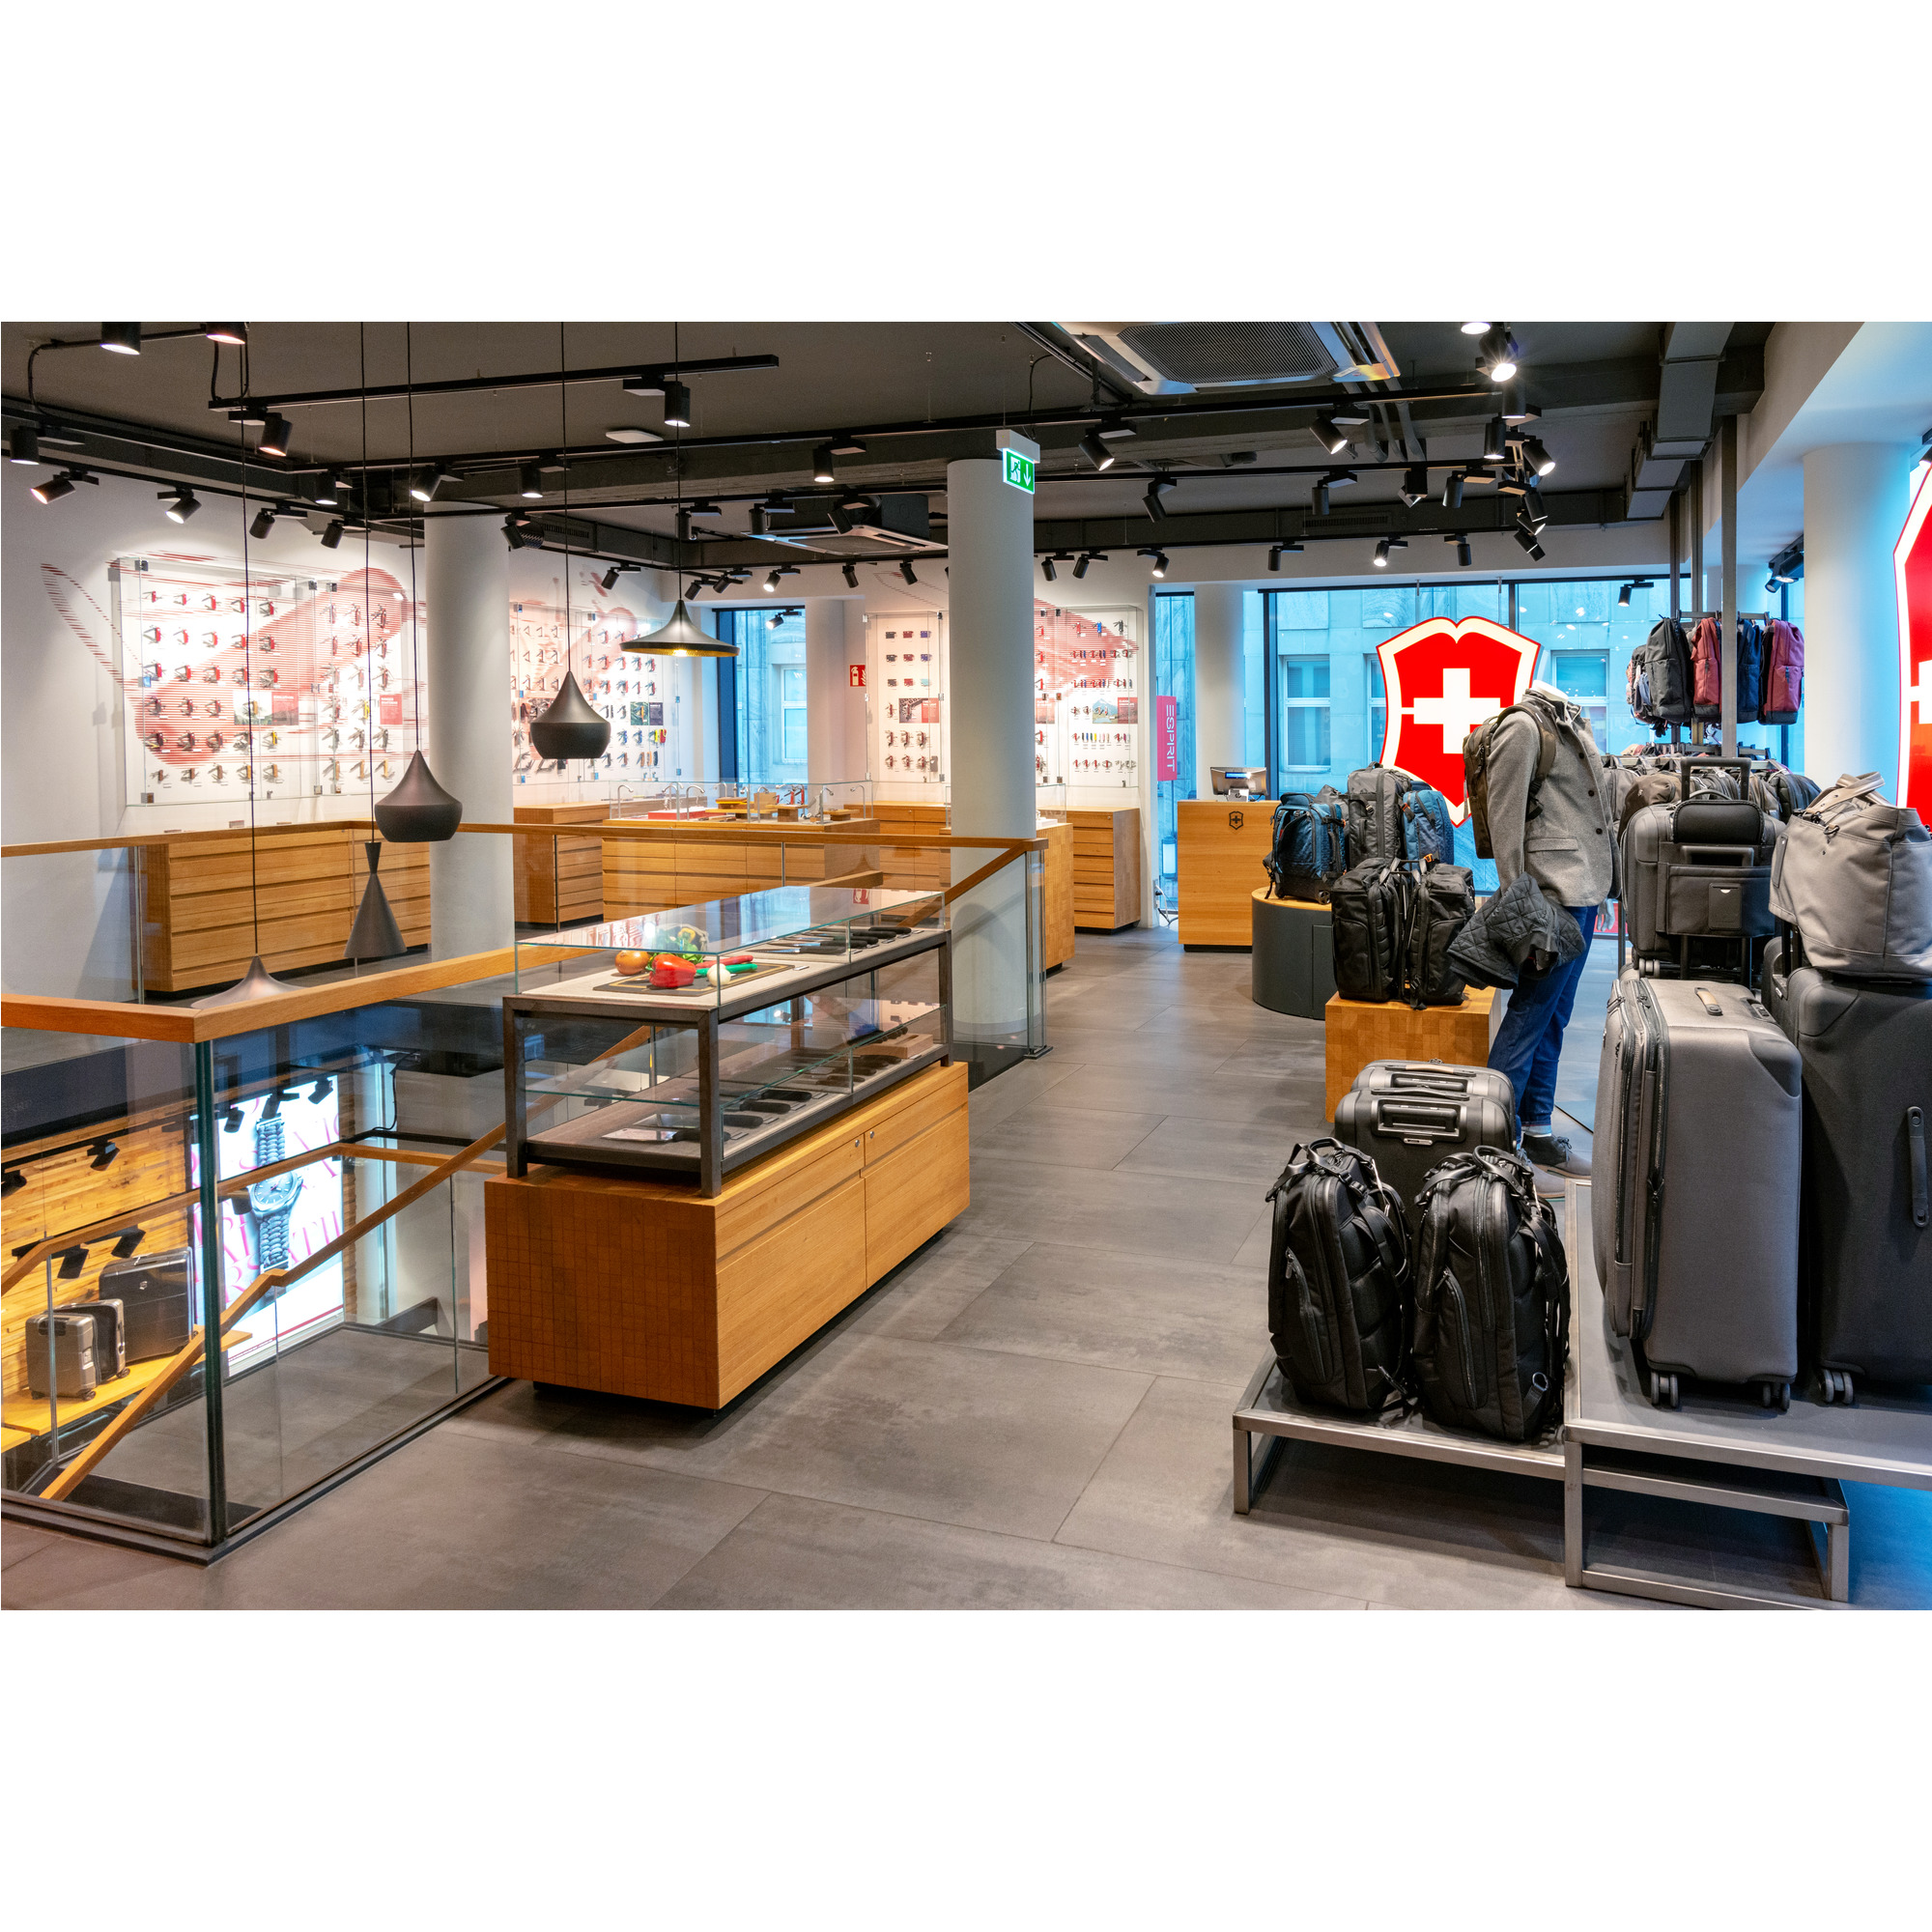 Store interior of Victorinox Store Cologne, Köln